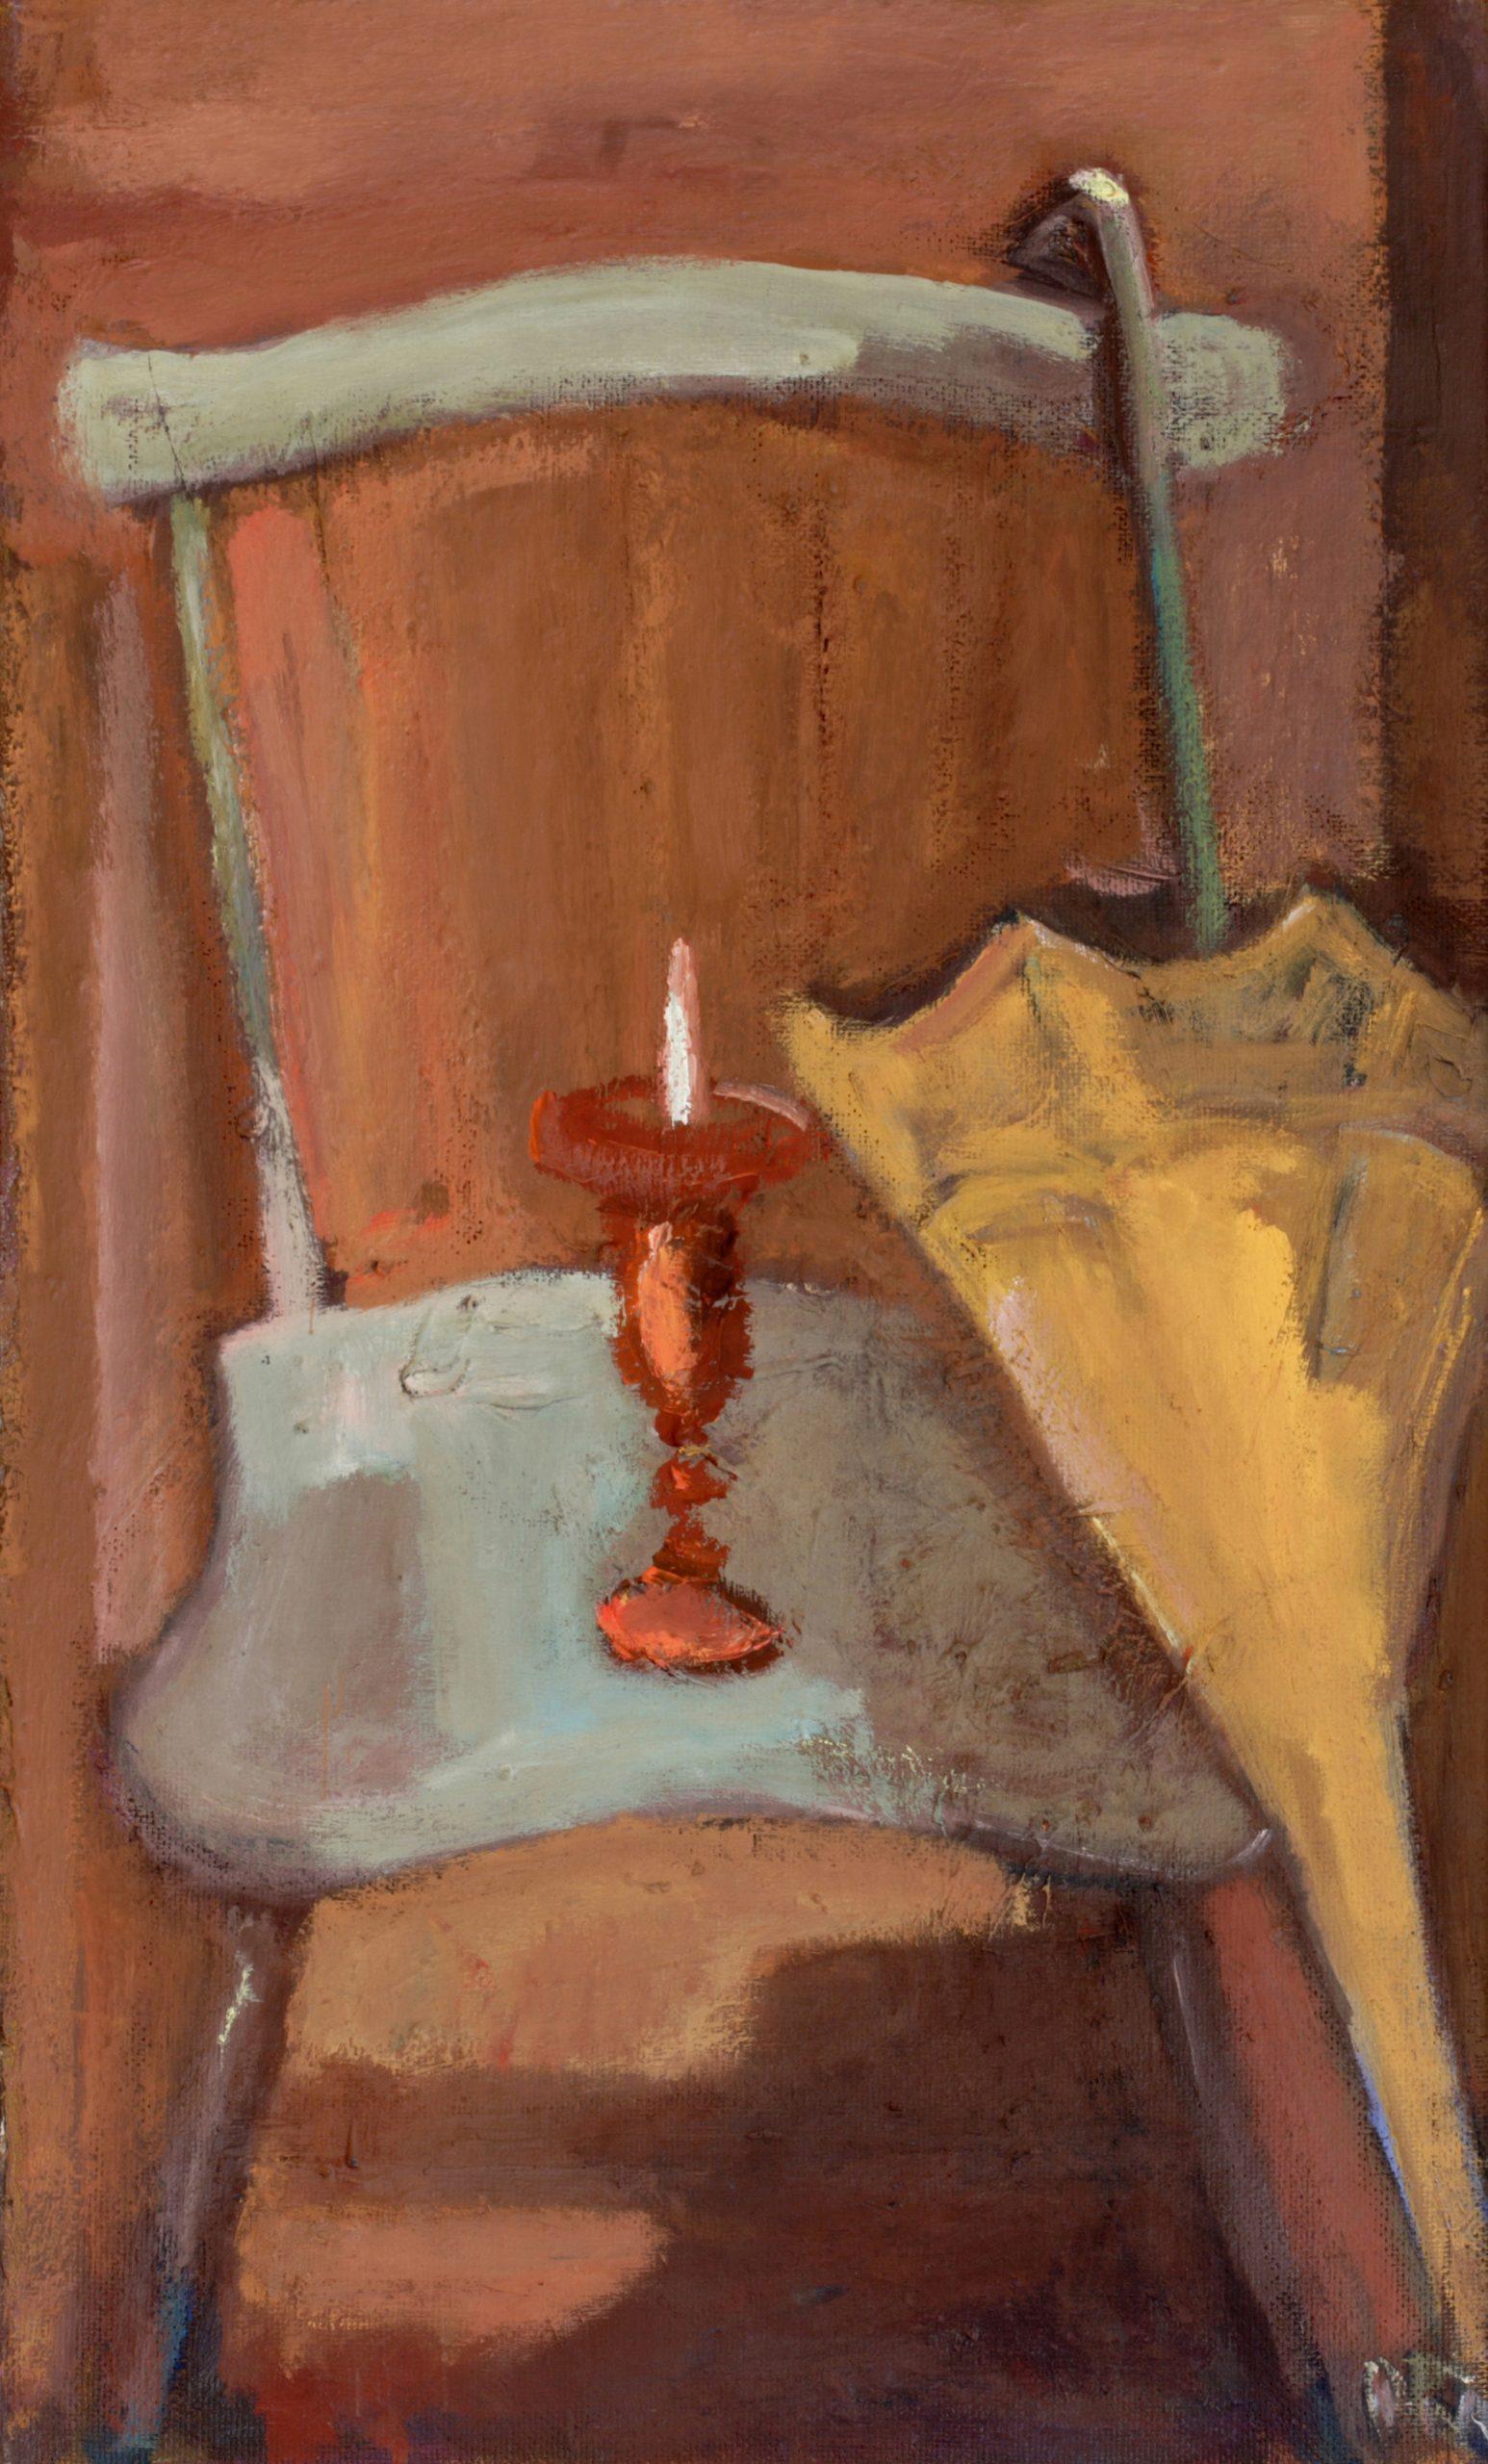 Натюрморт 'Столът' от Олга Белопитова